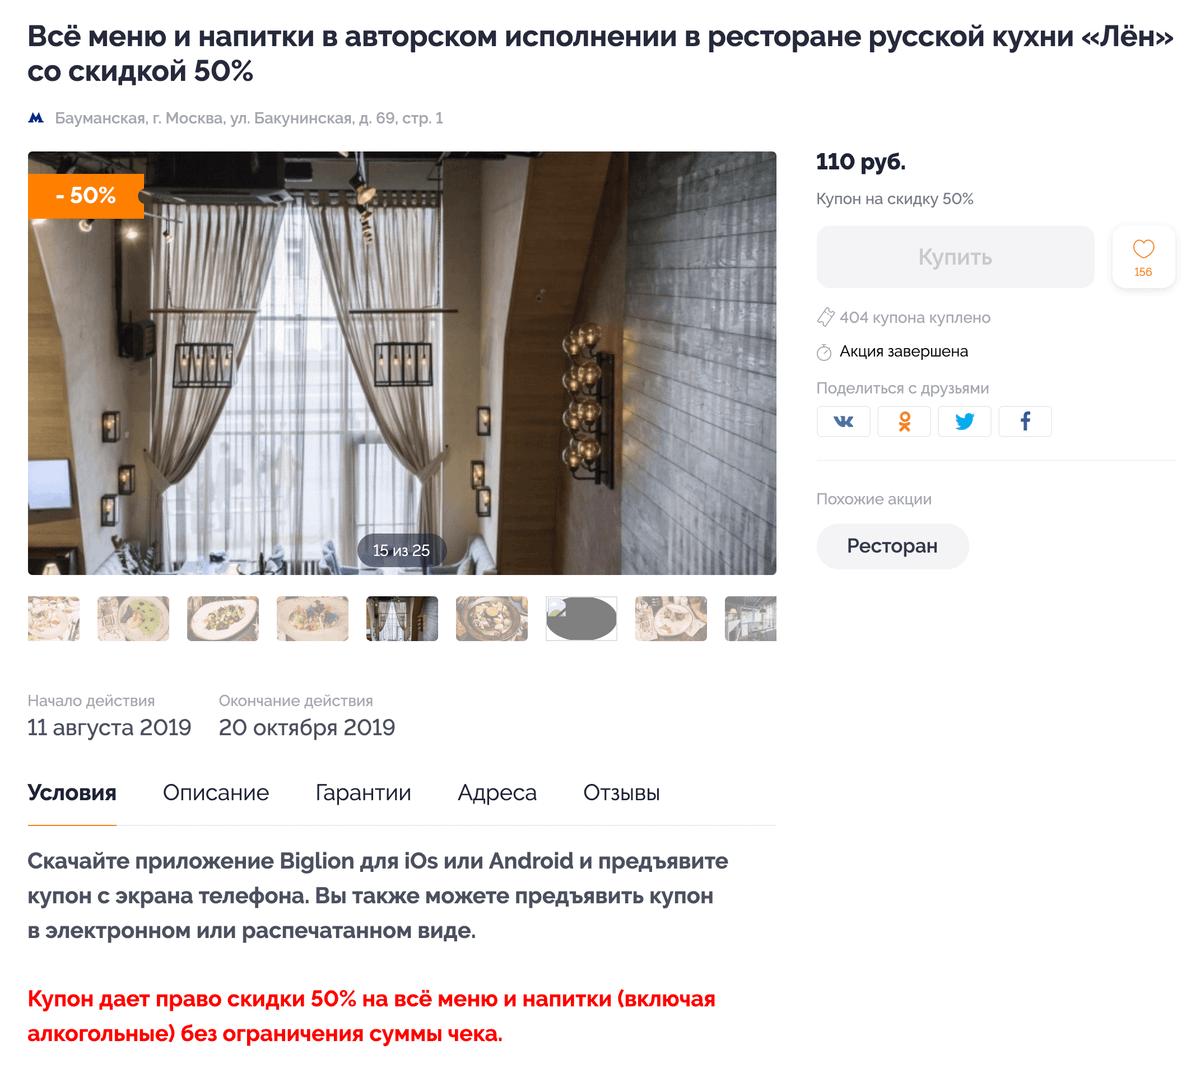 Дважды платный купон за 110<span class=ruble>Р</span> дает покупателю право на скидку 50% на все меню и напитки ресторана